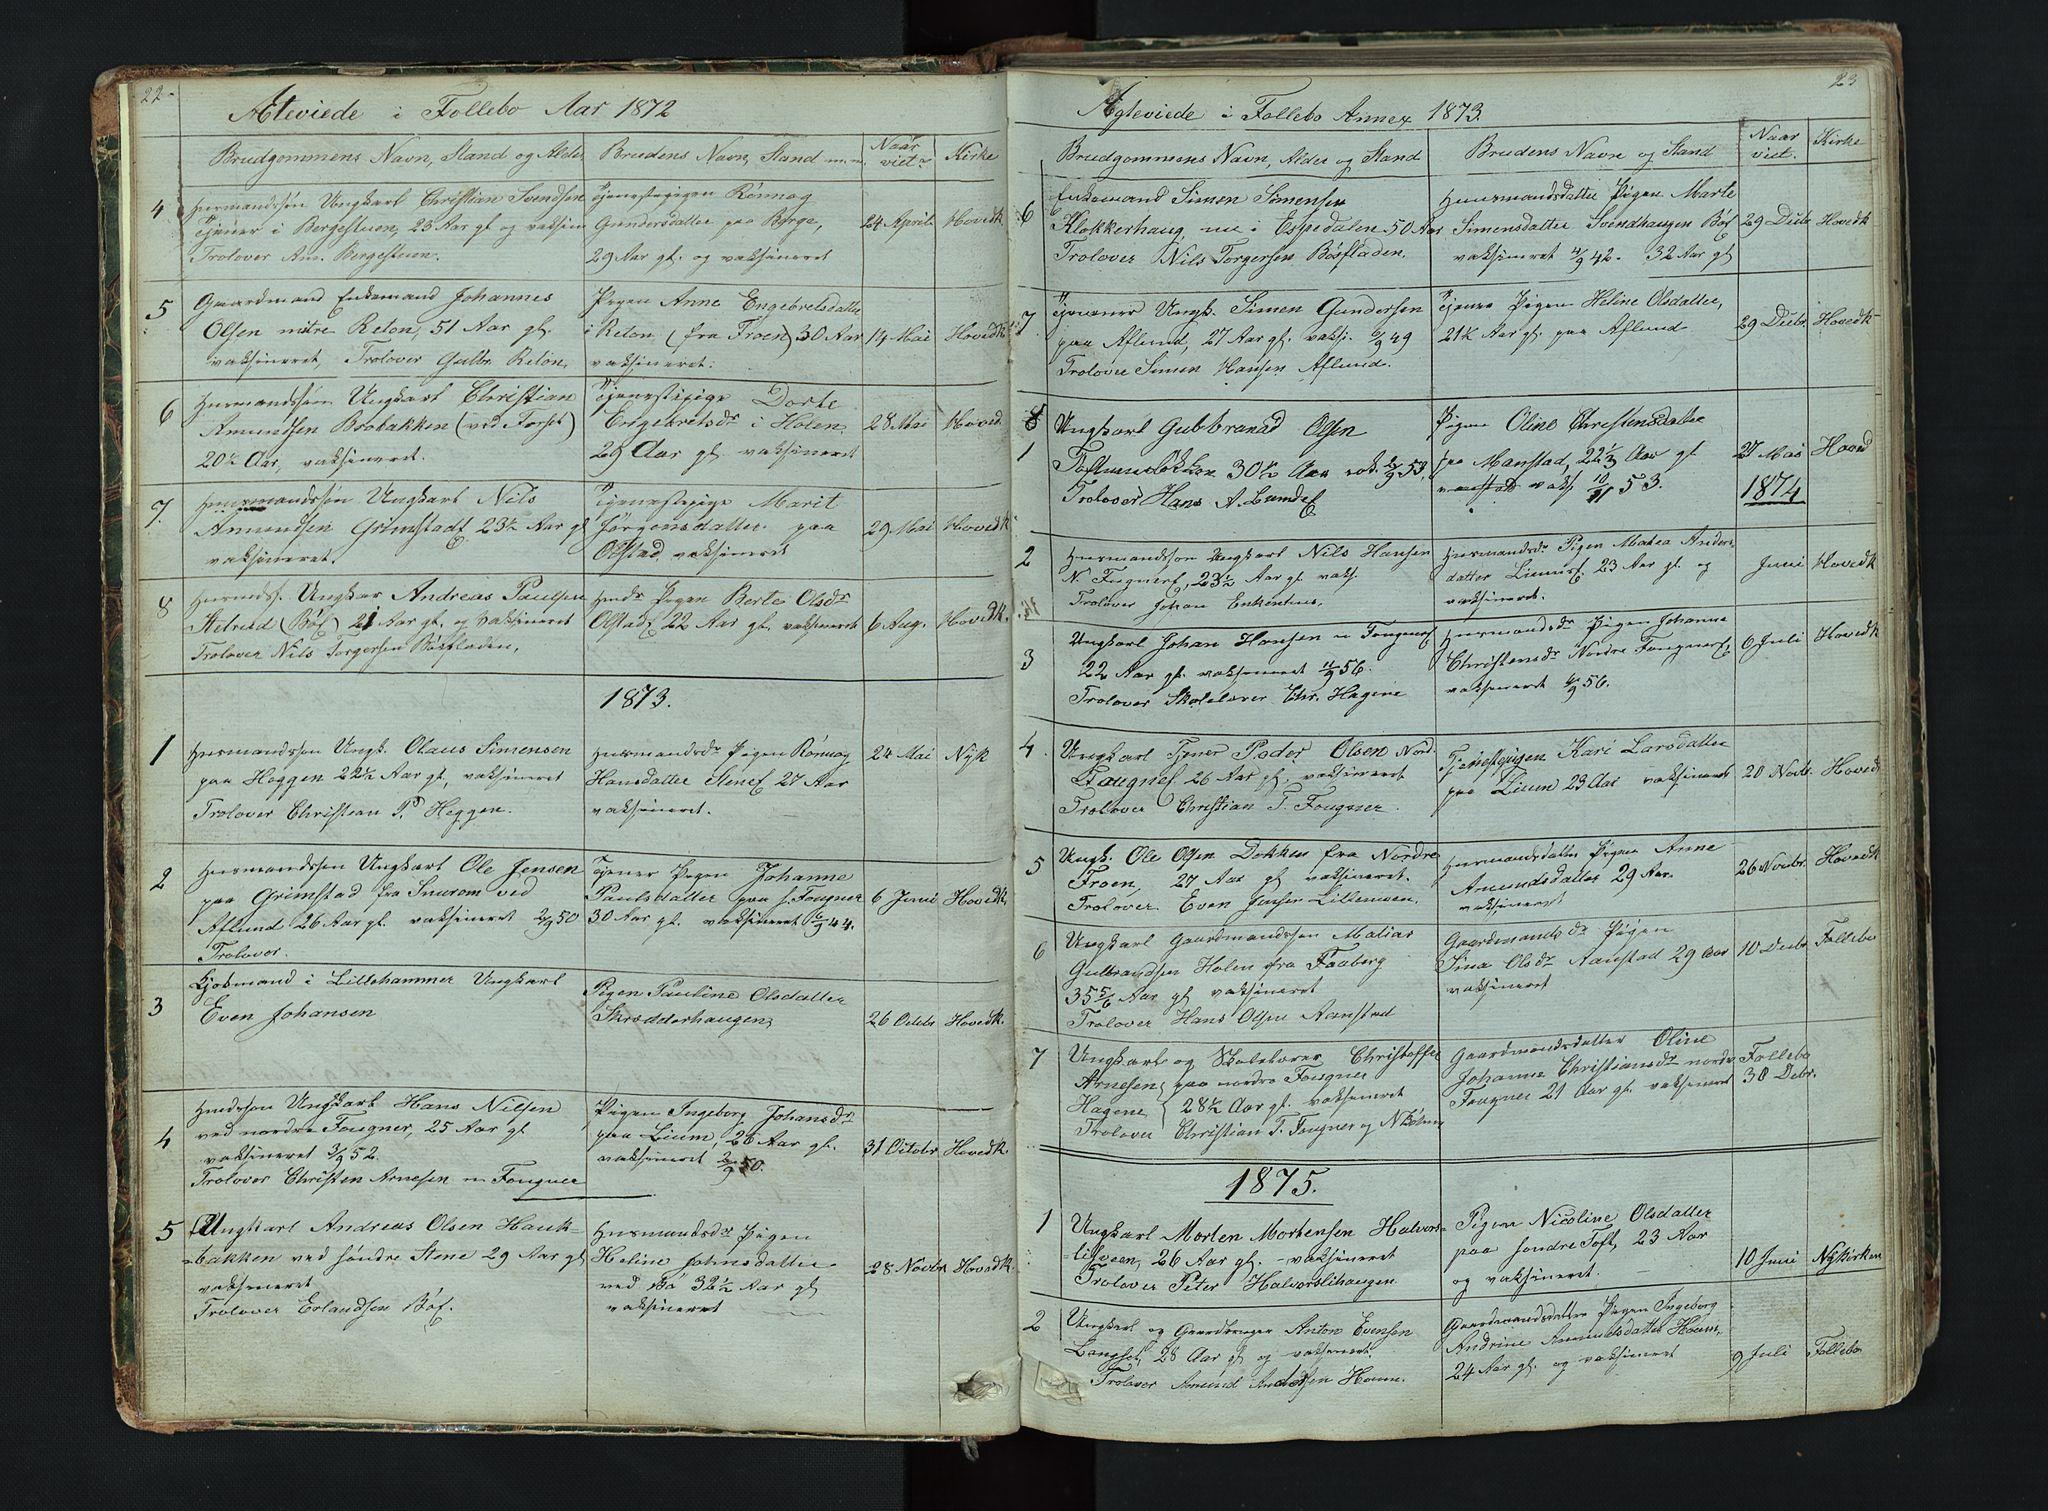 SAH, Gausdal prestekontor, Klokkerbok nr. 6, 1846-1893, s. 22-23